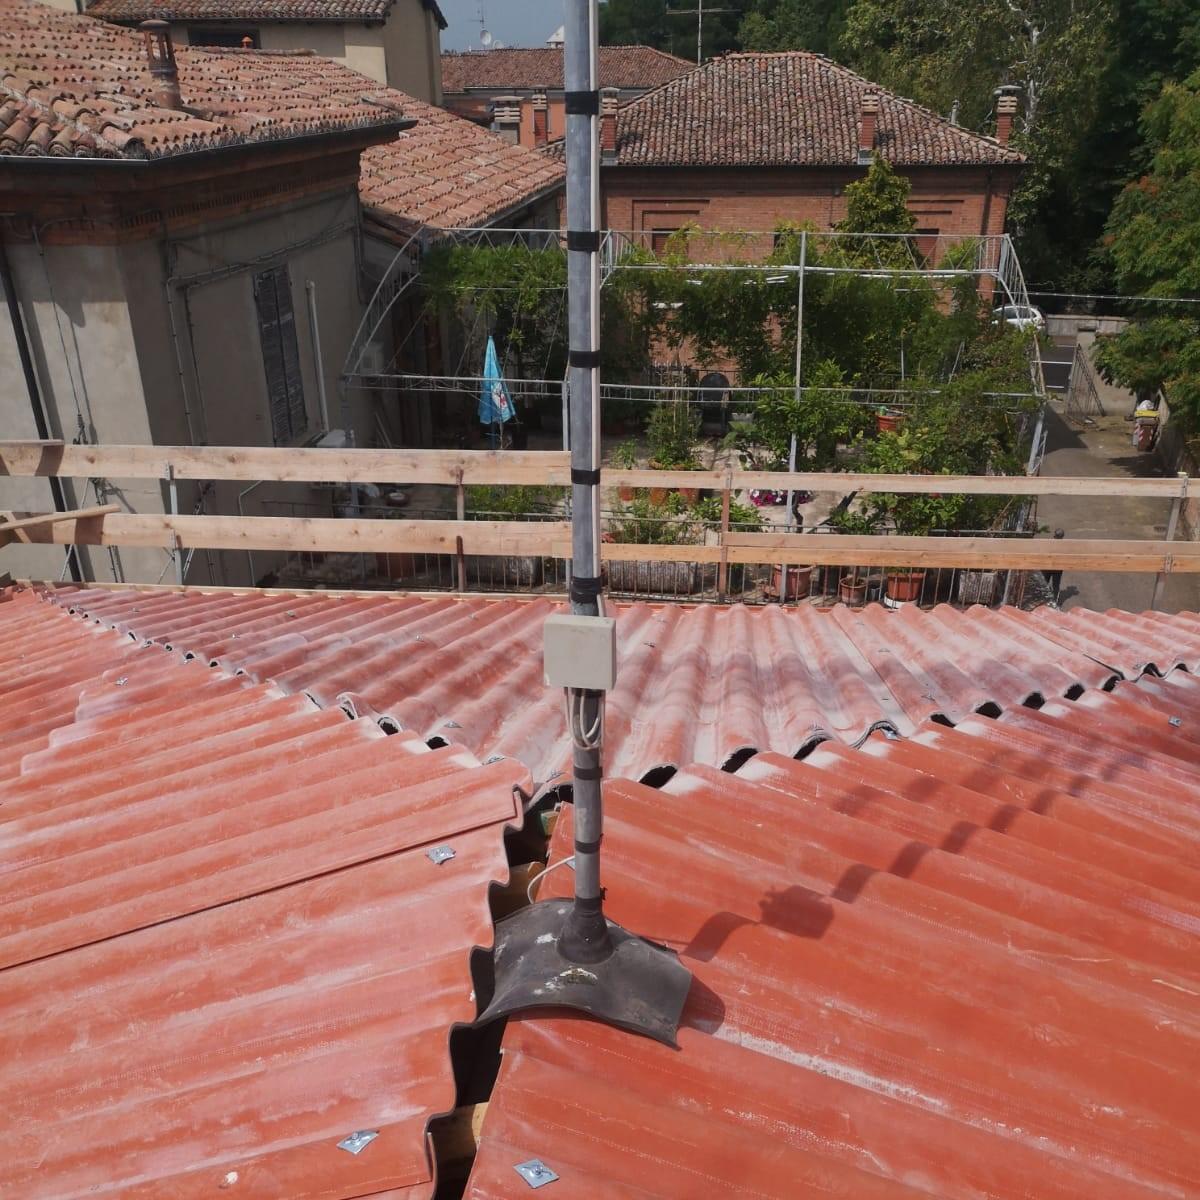 Lavori tetto Palazzina foto aggiunte (1)